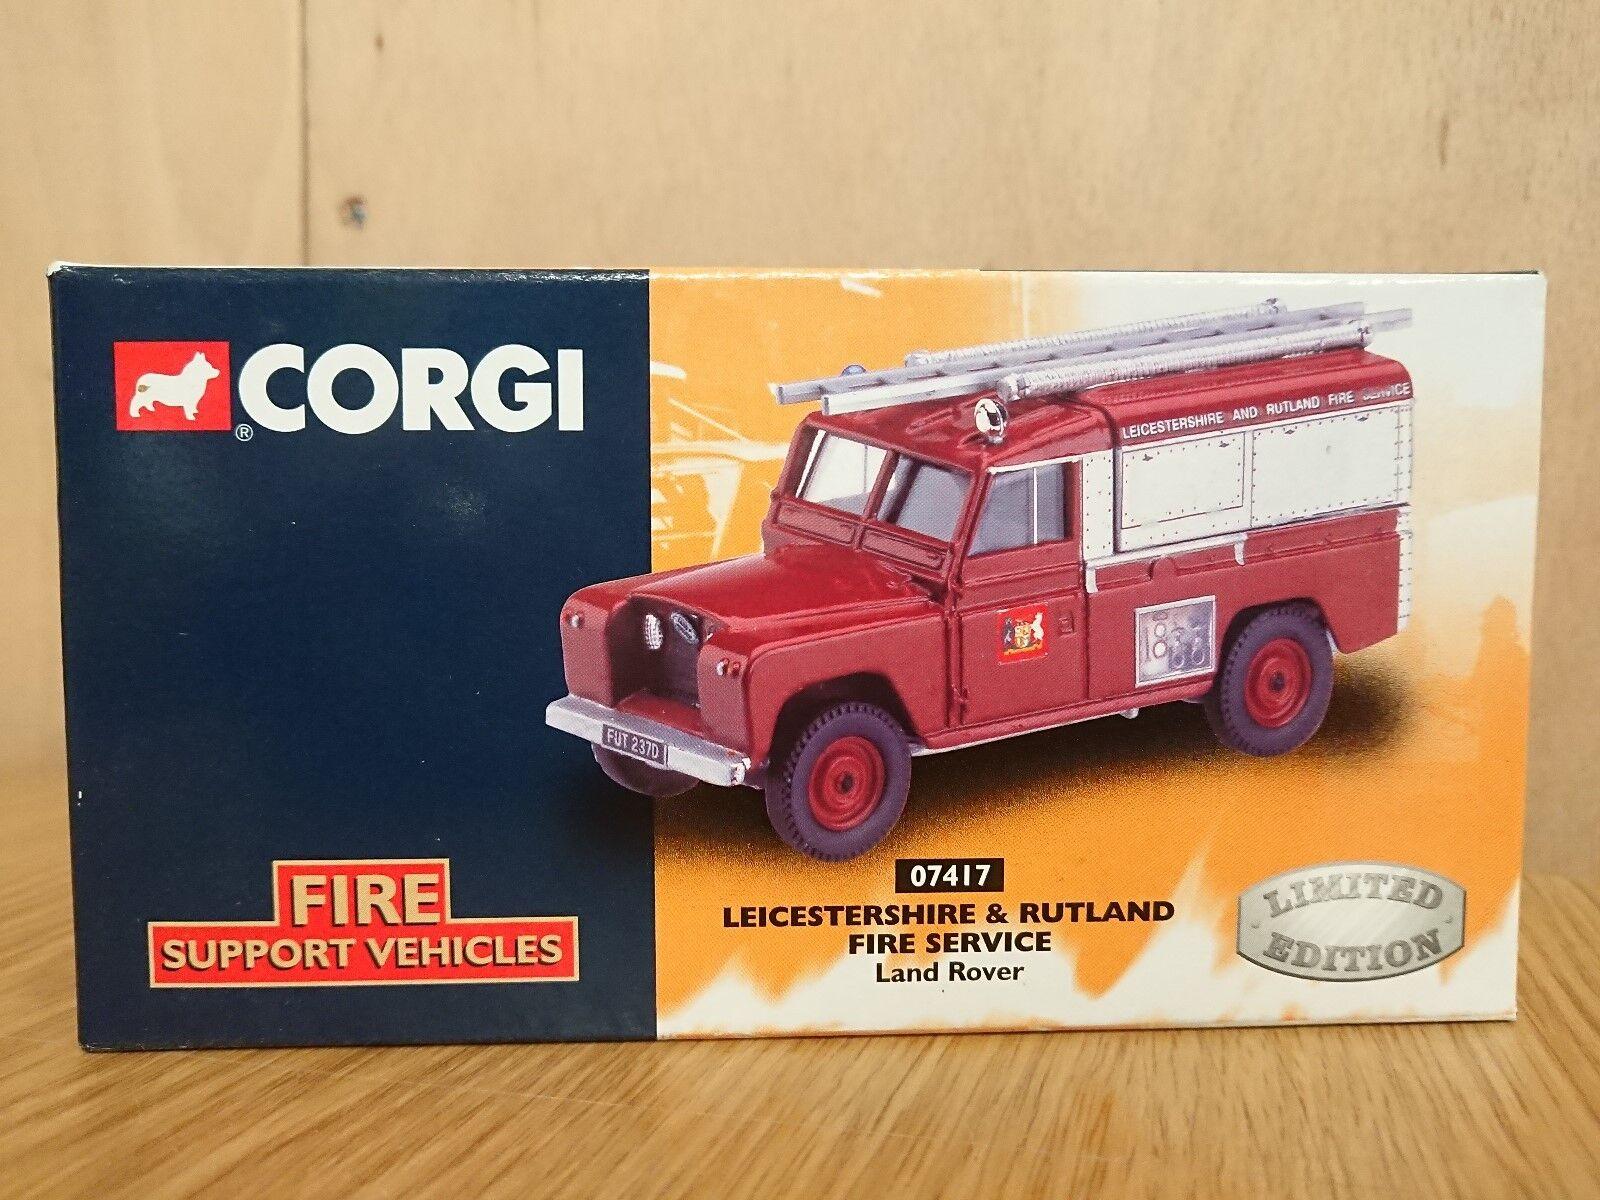 CORGI 07417 Leicestershire DEI VIGILI DEL FUOCO LAND ROVER Ltd Ed. N. 0002 del 5000